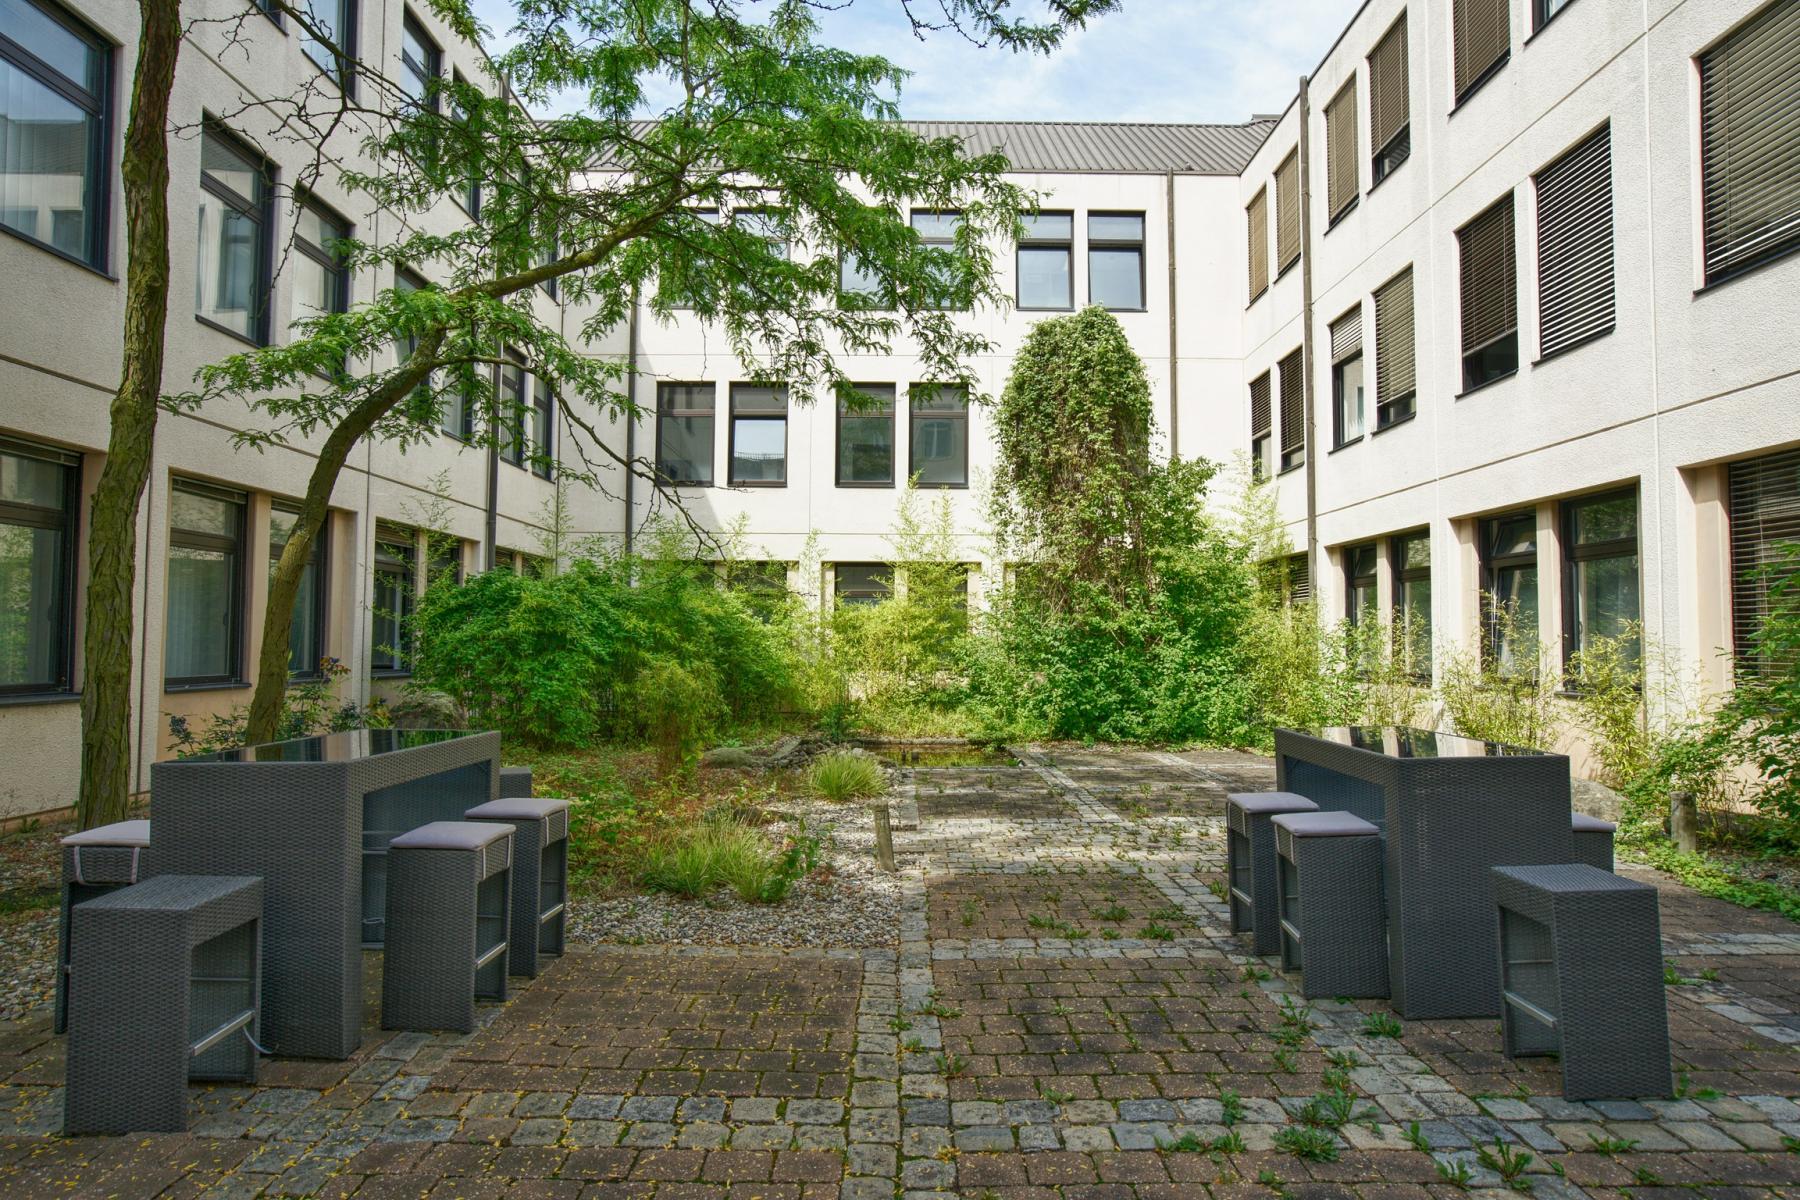 Büro mieten Katzwanger Straße 150 Gebäude 12, Nürnberg (2)